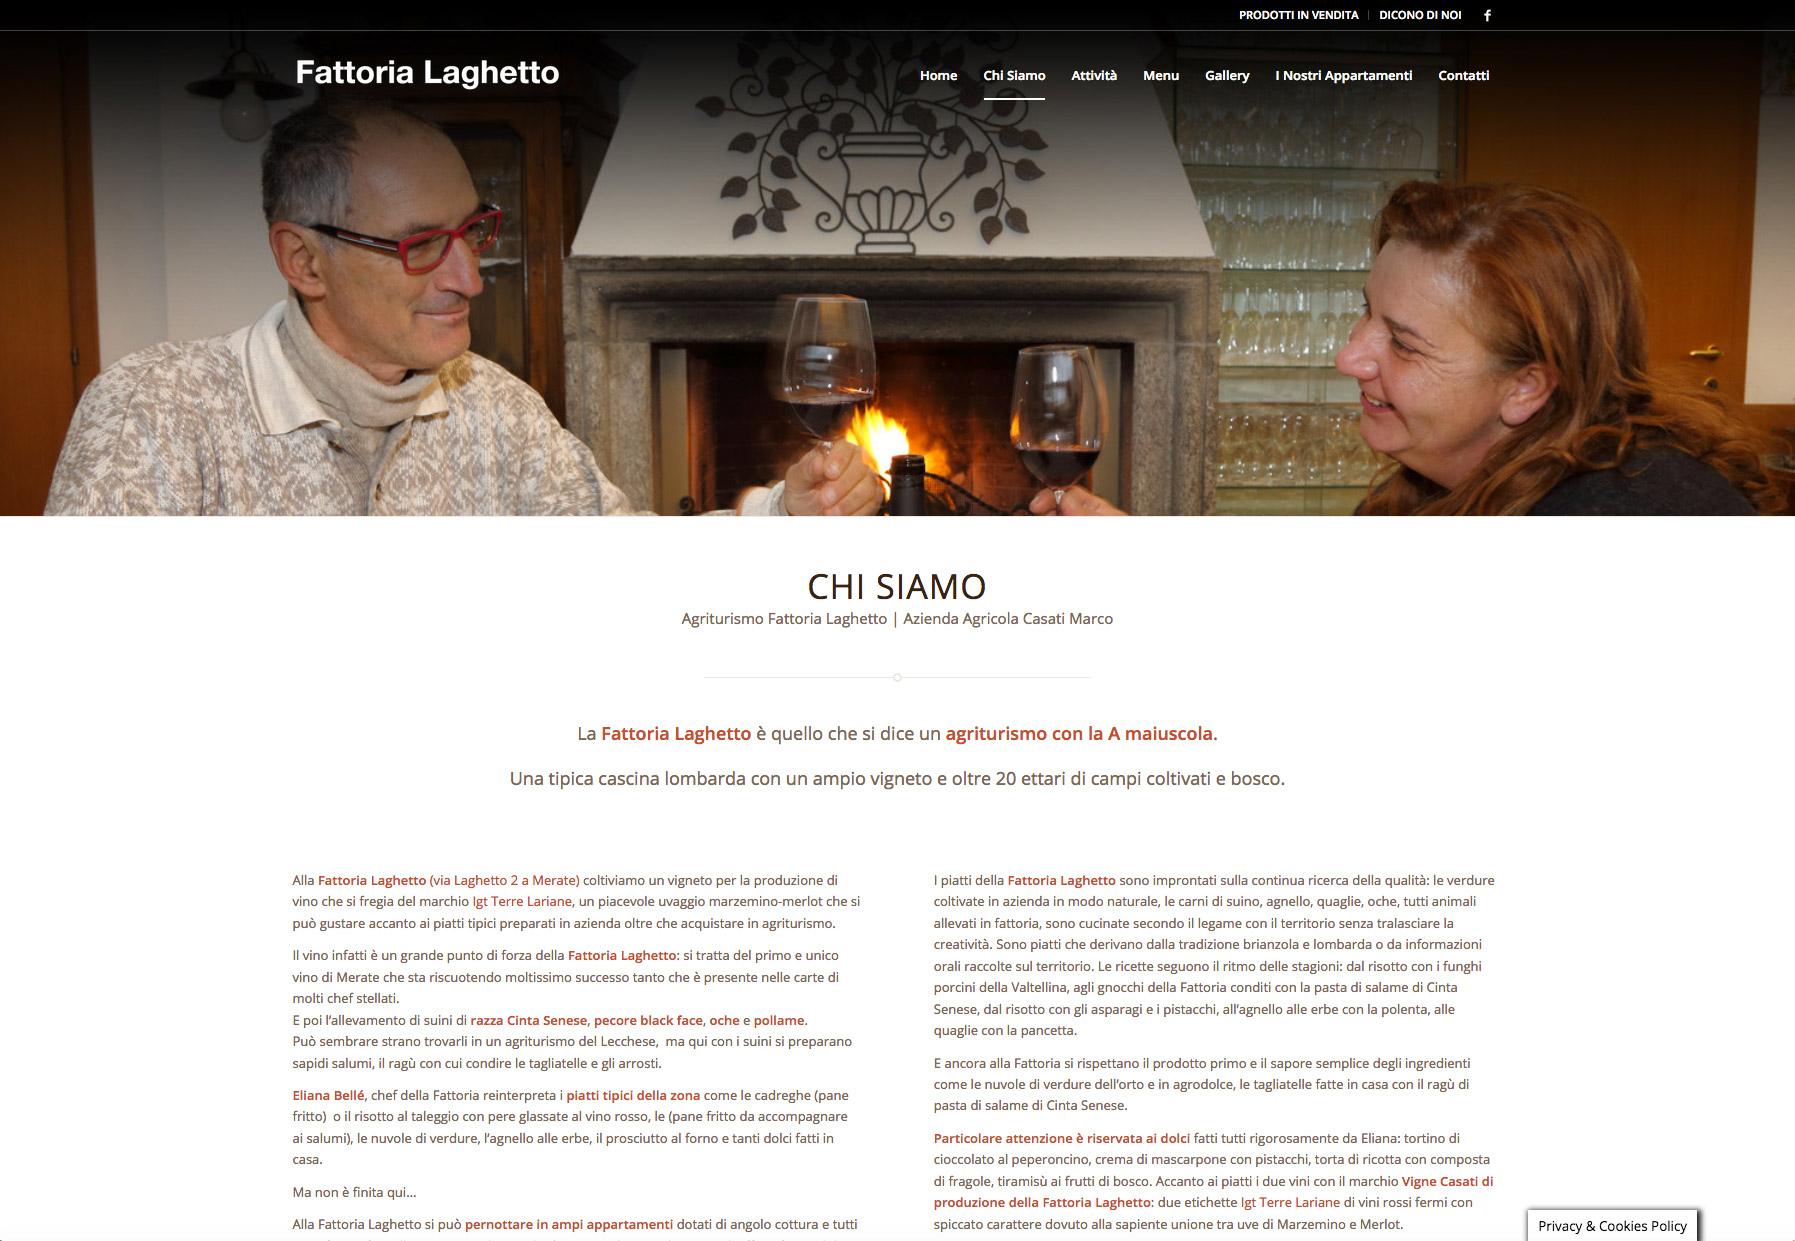 Fattoria Laghetto Web Design